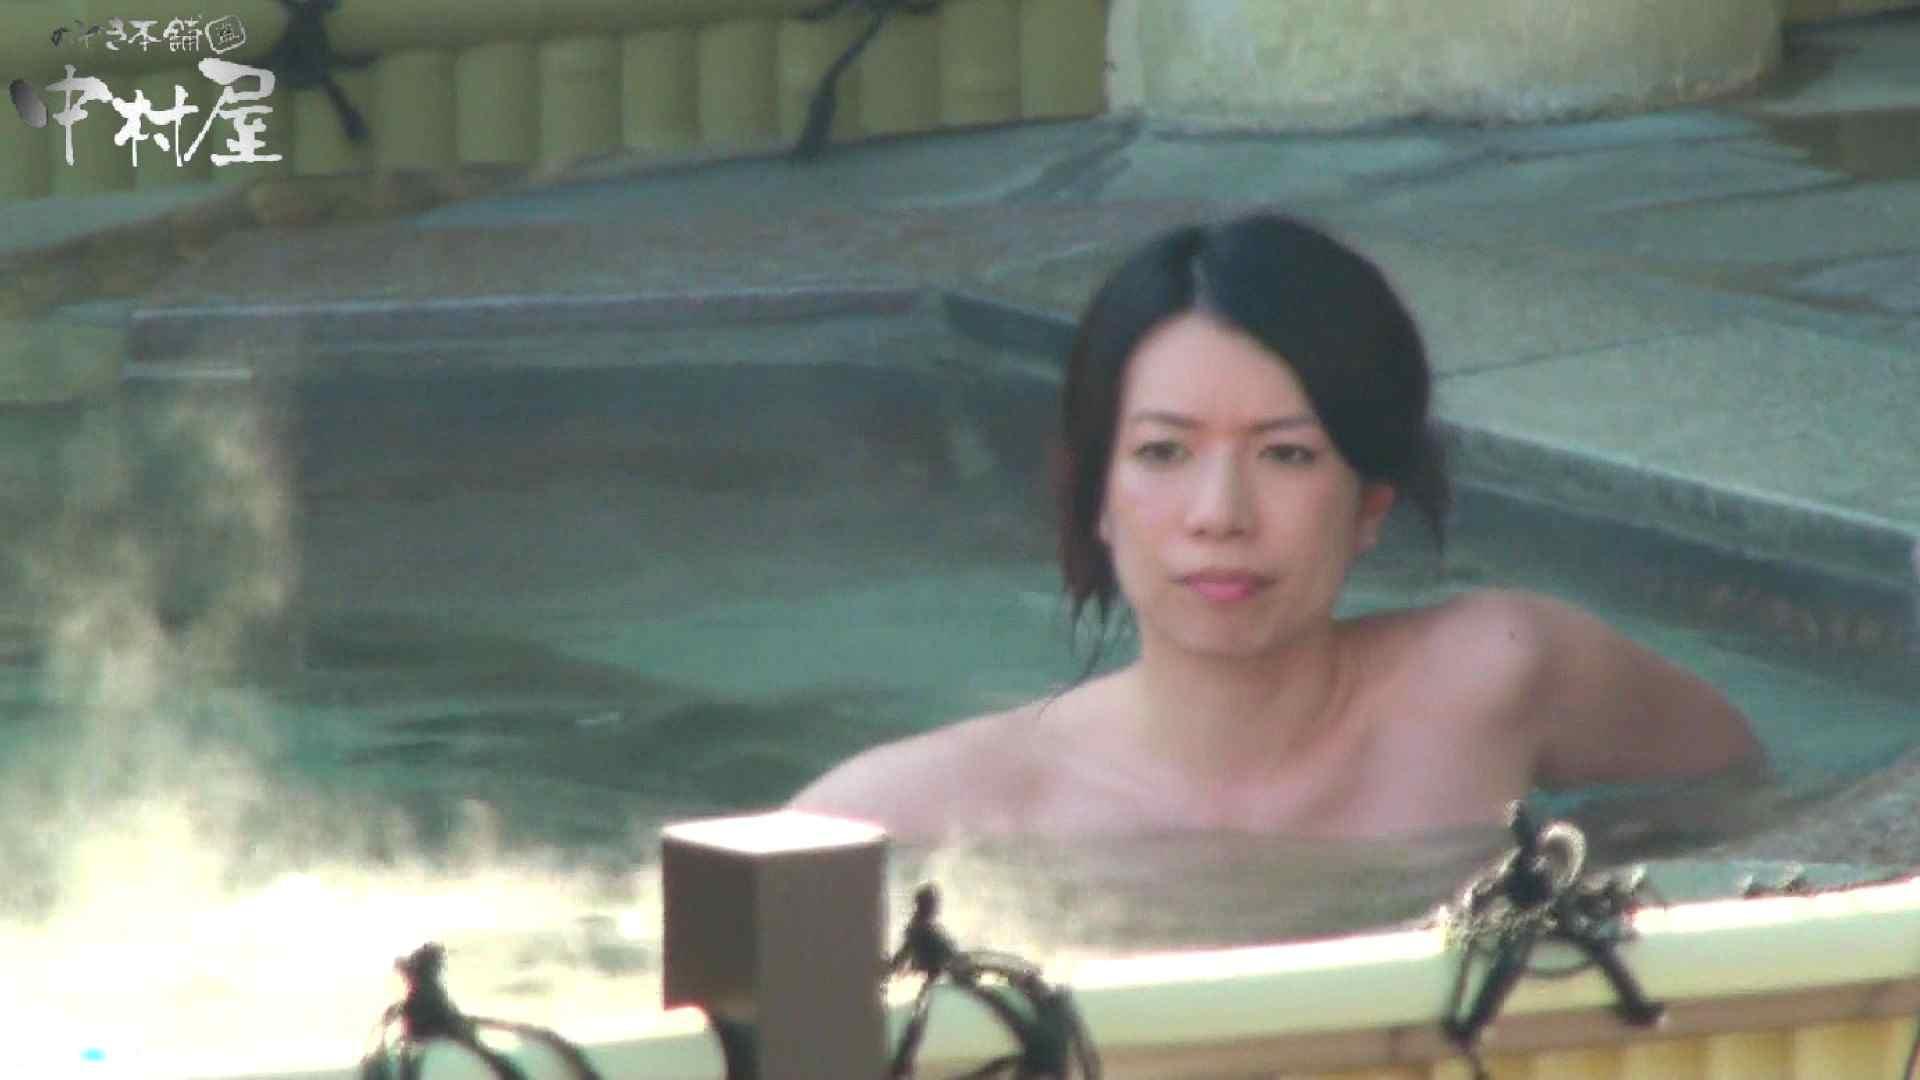 Aquaな露天風呂Vol.919 露天   盗撮  65枚 43